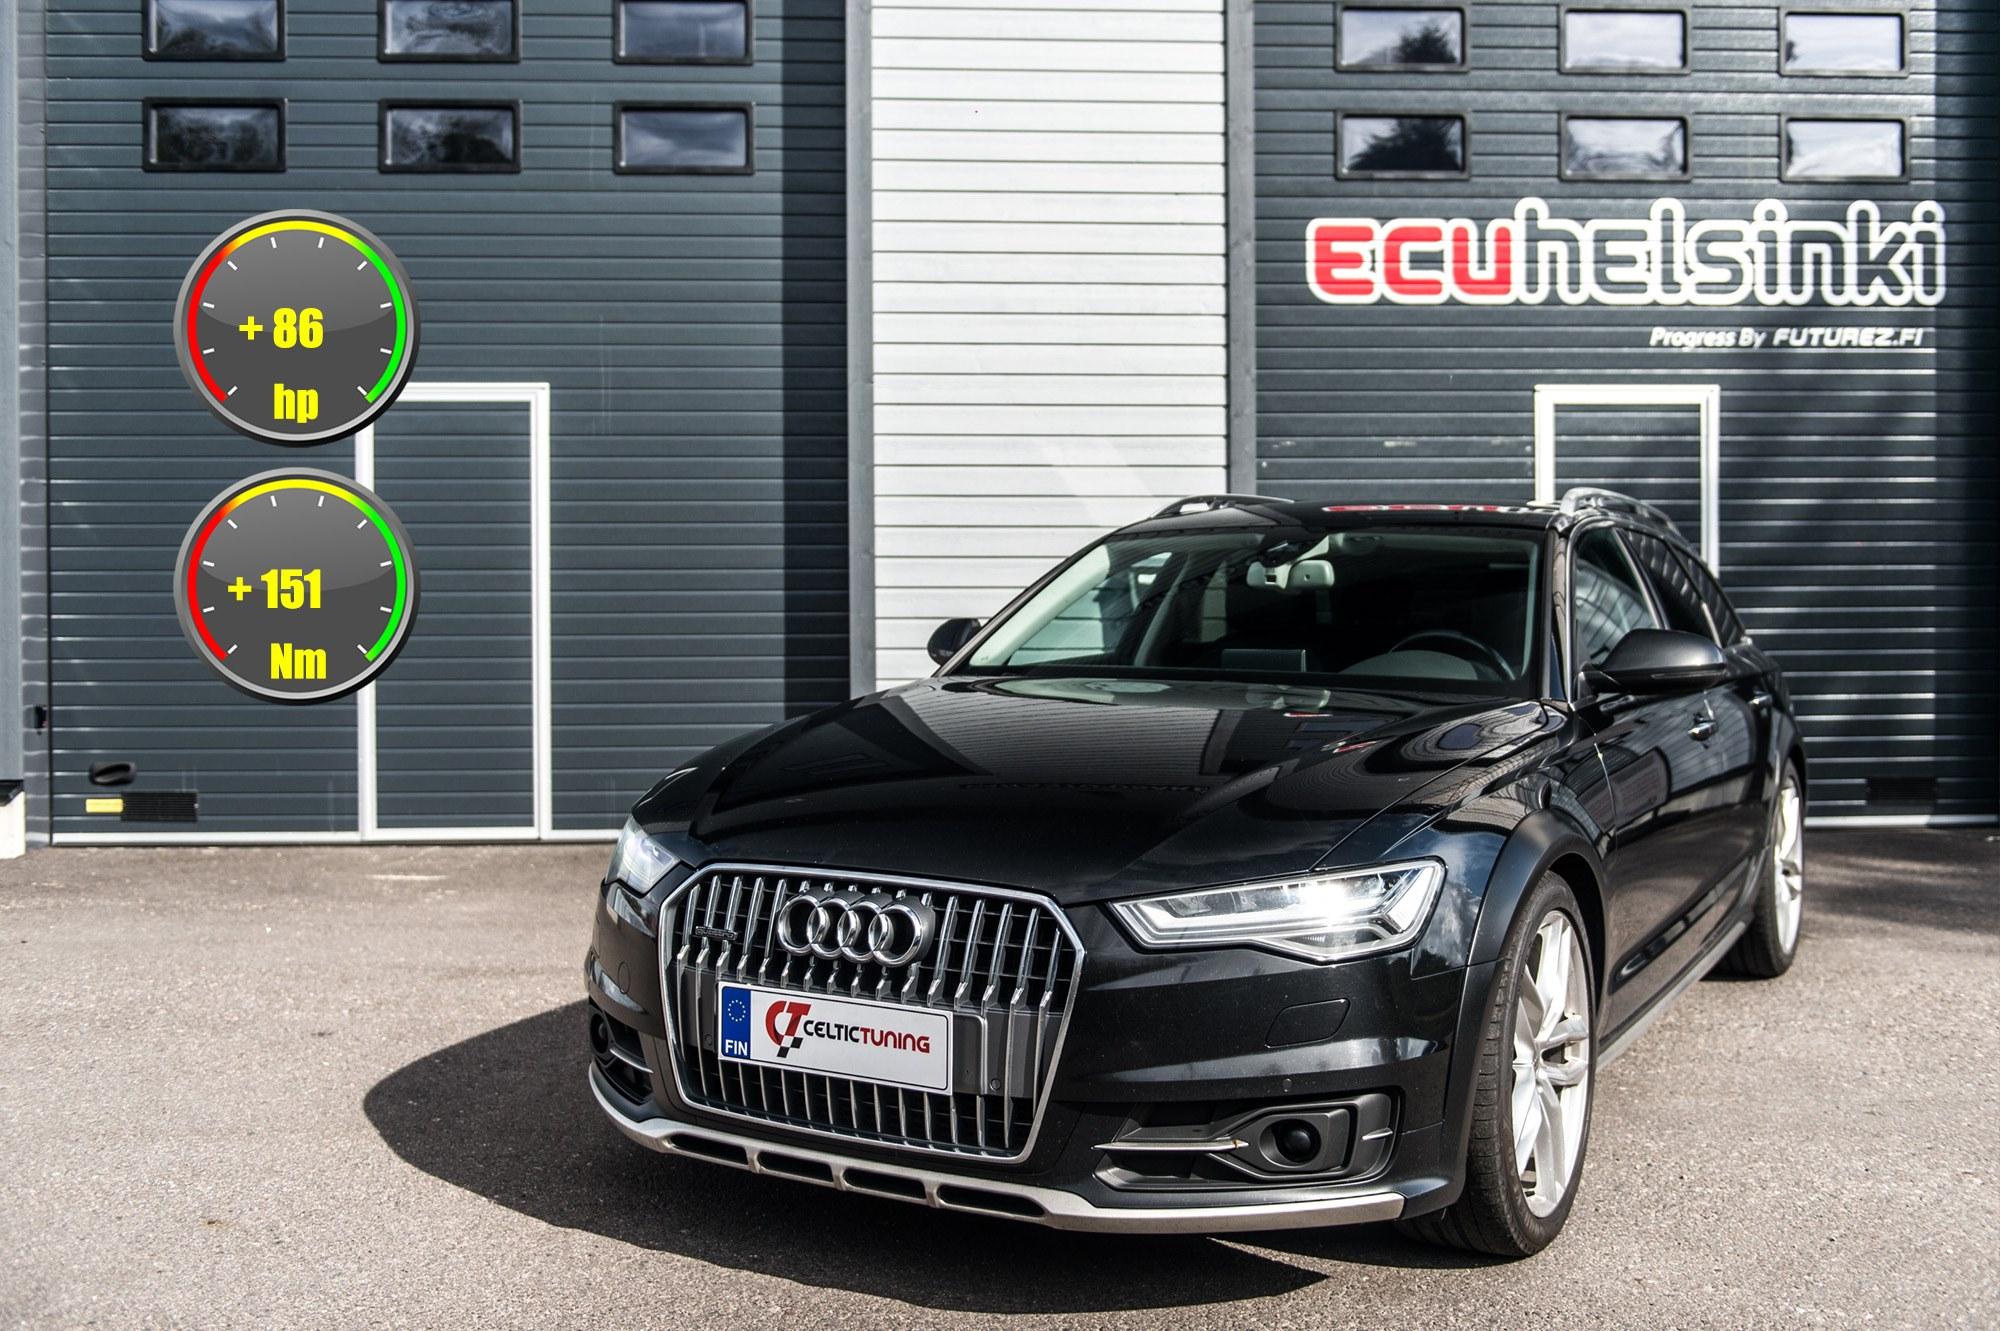 Audi A6 2016 lastu celtic tuning